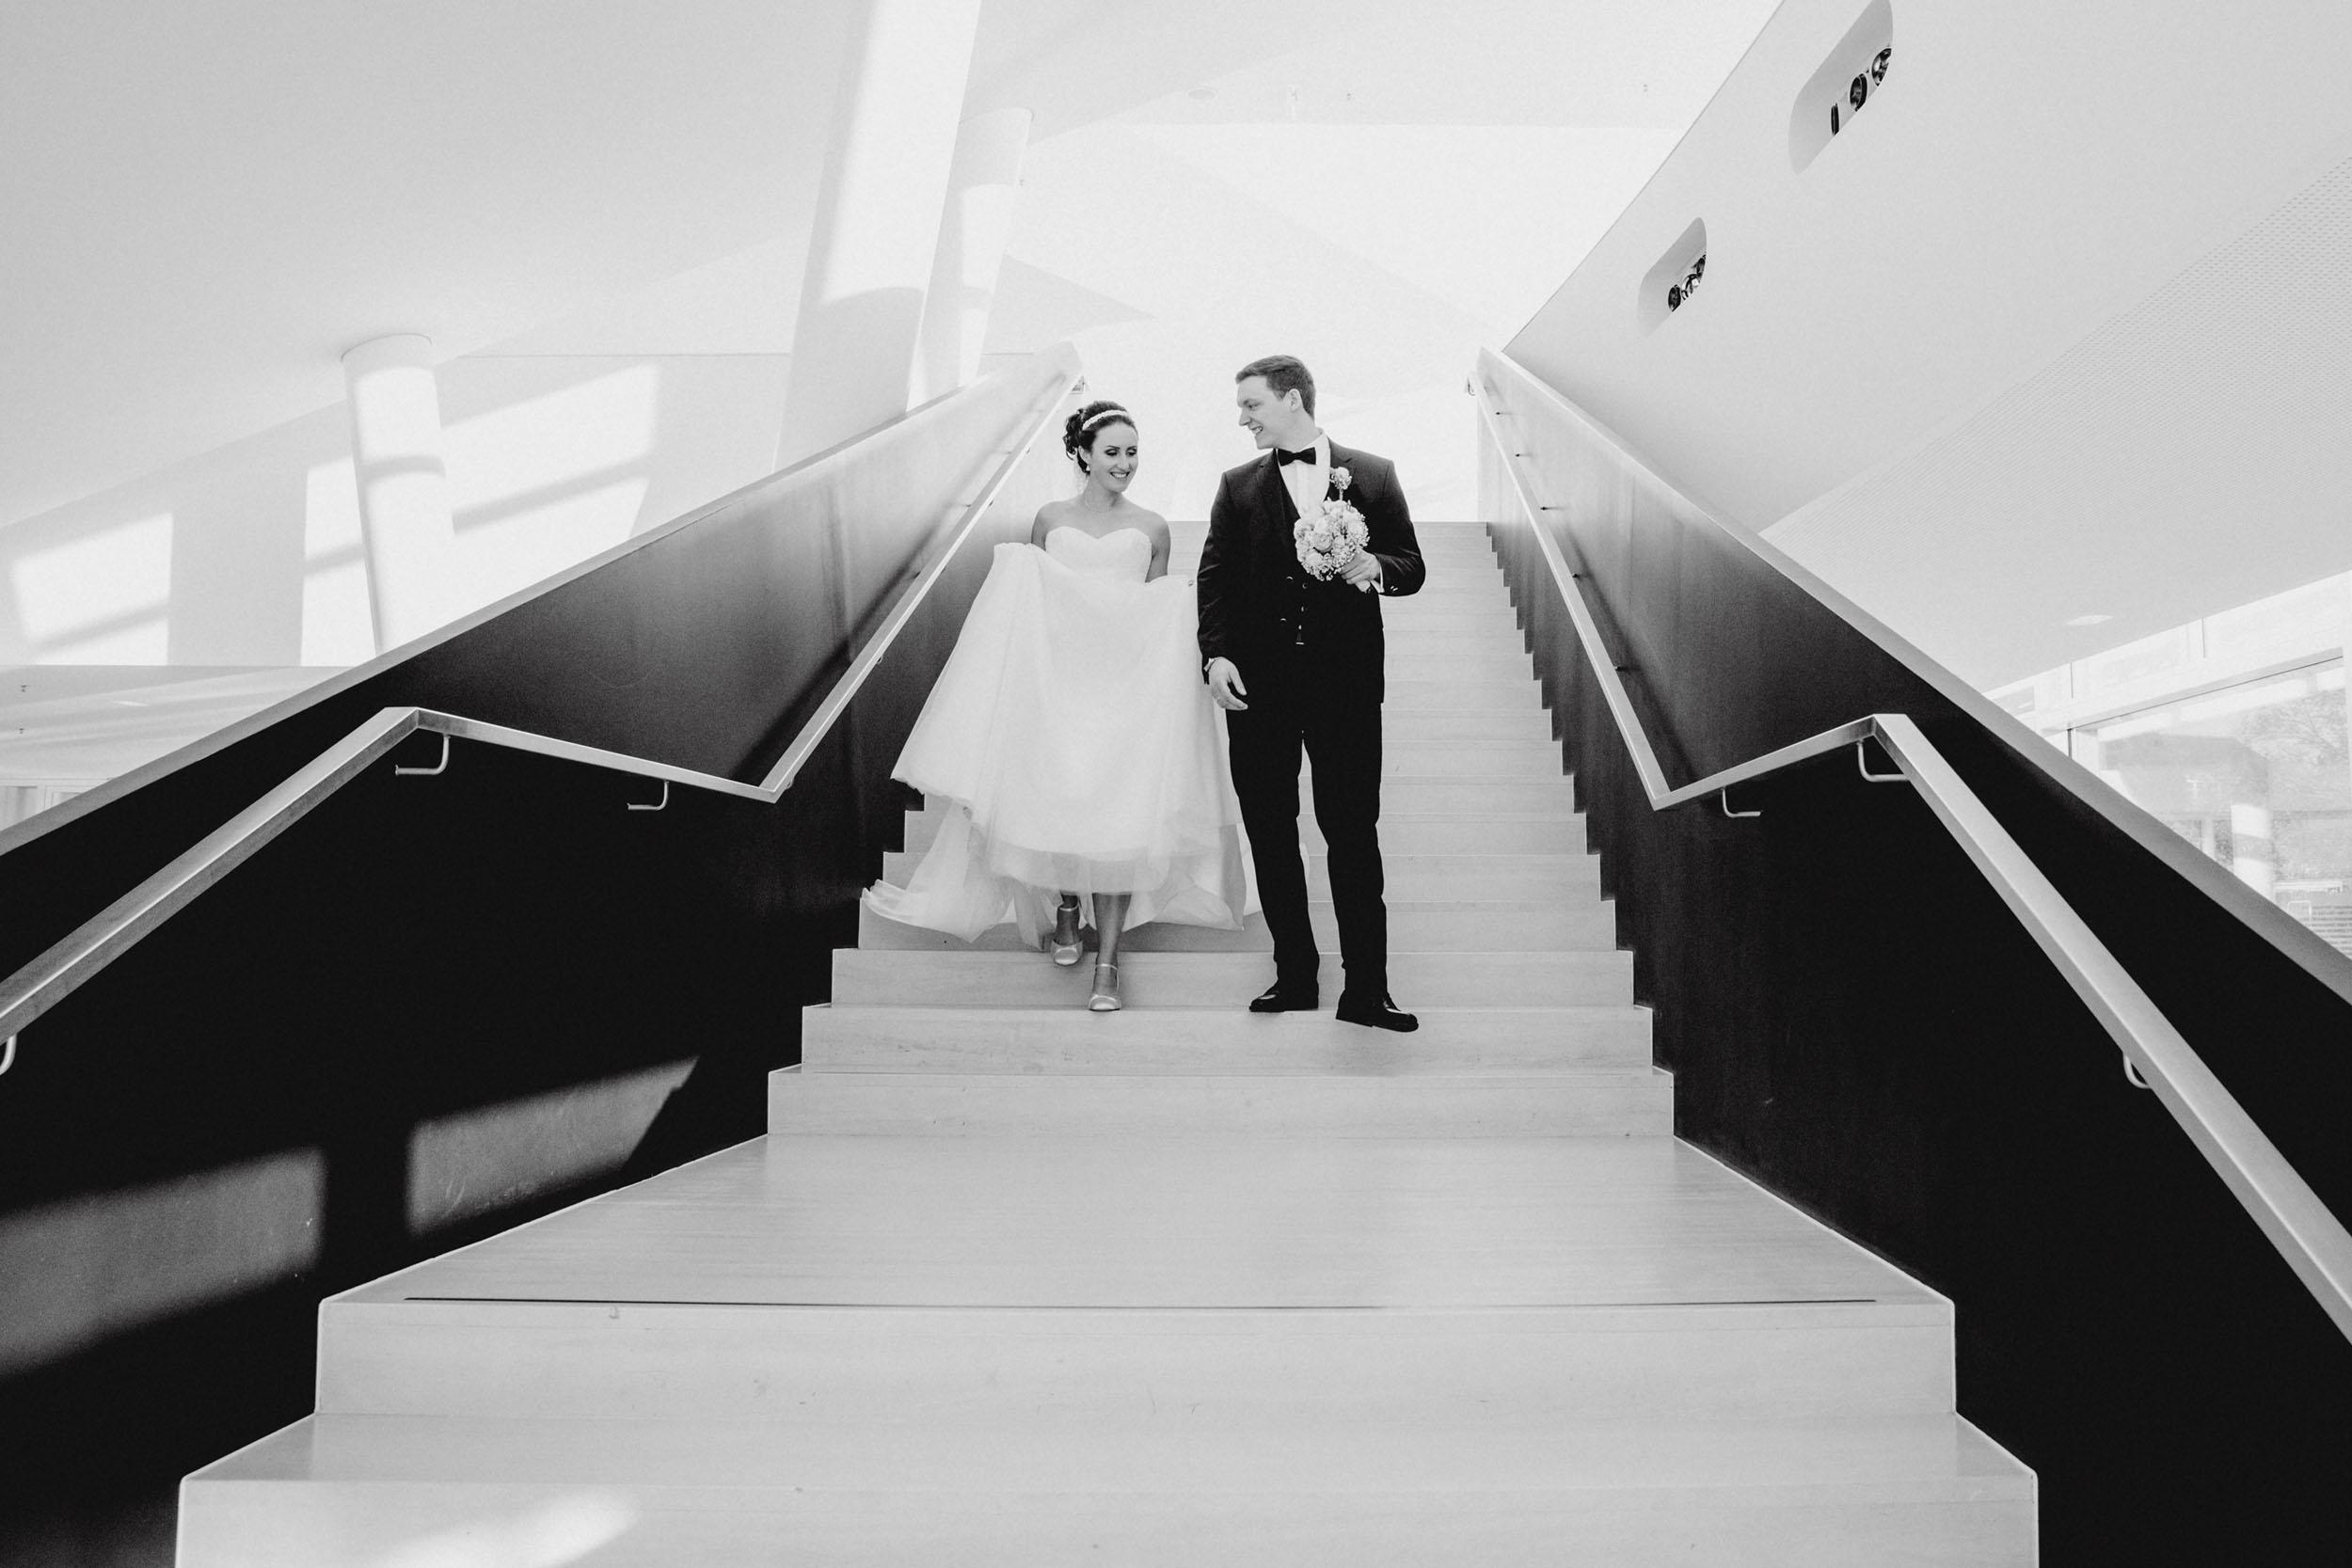 Hochzeit-495sw.jpg